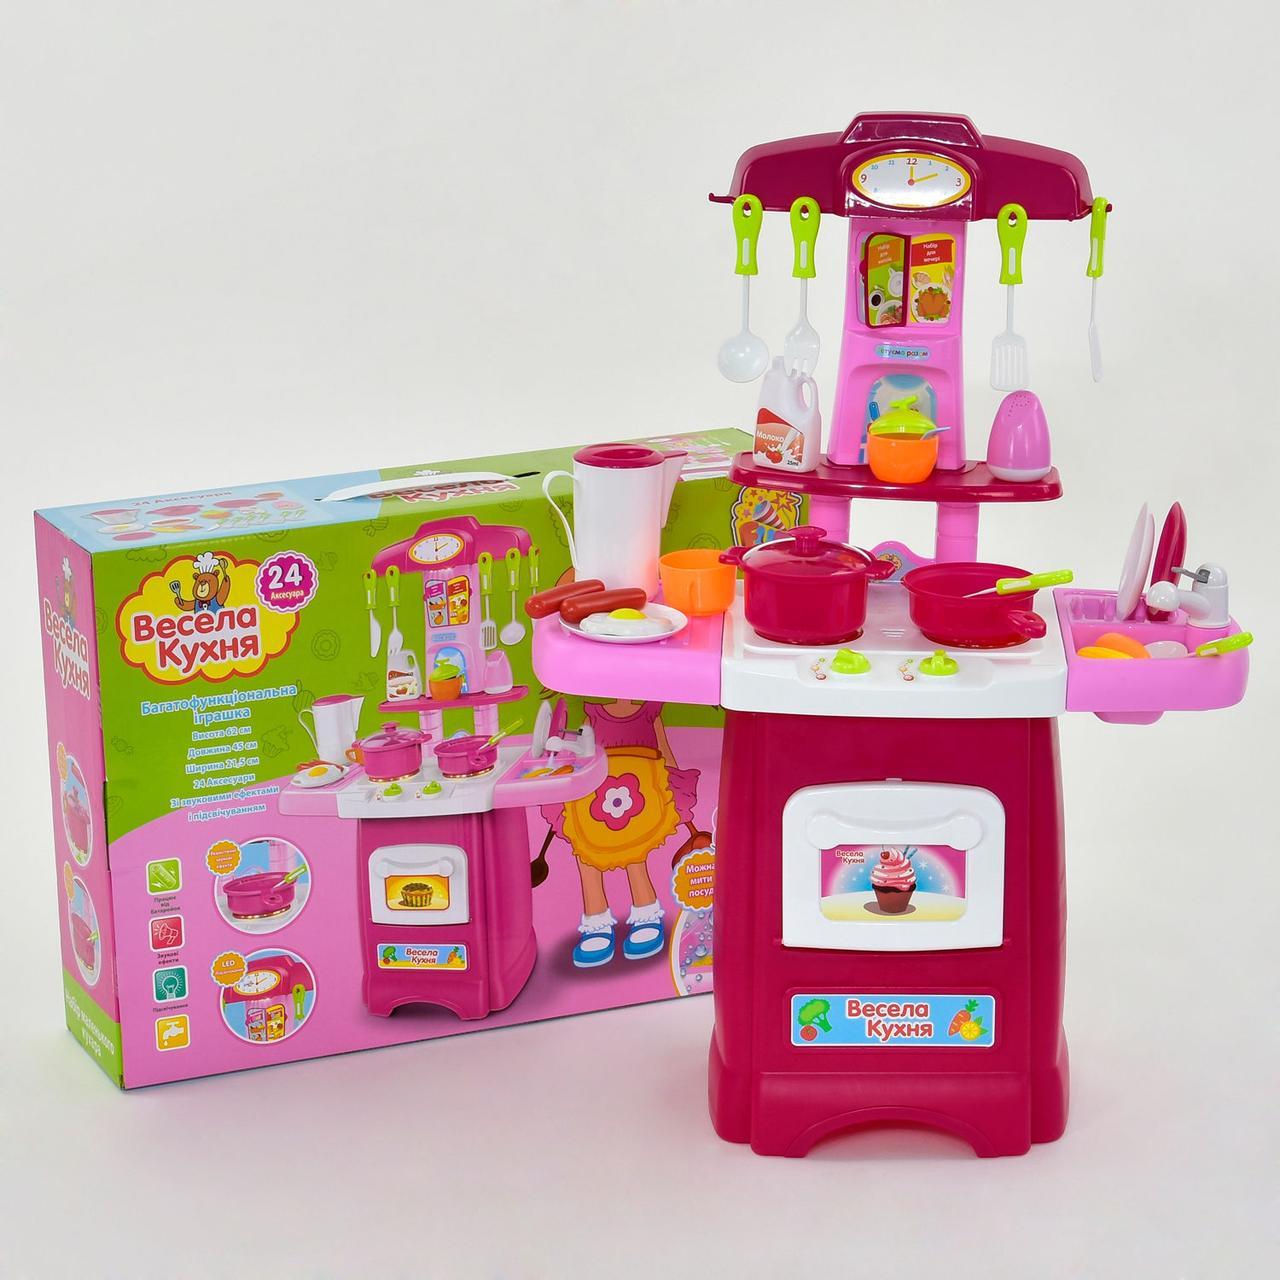 Детский игровой набор кухня FUN GAME 2728 L аксессуары свет звук течет вода